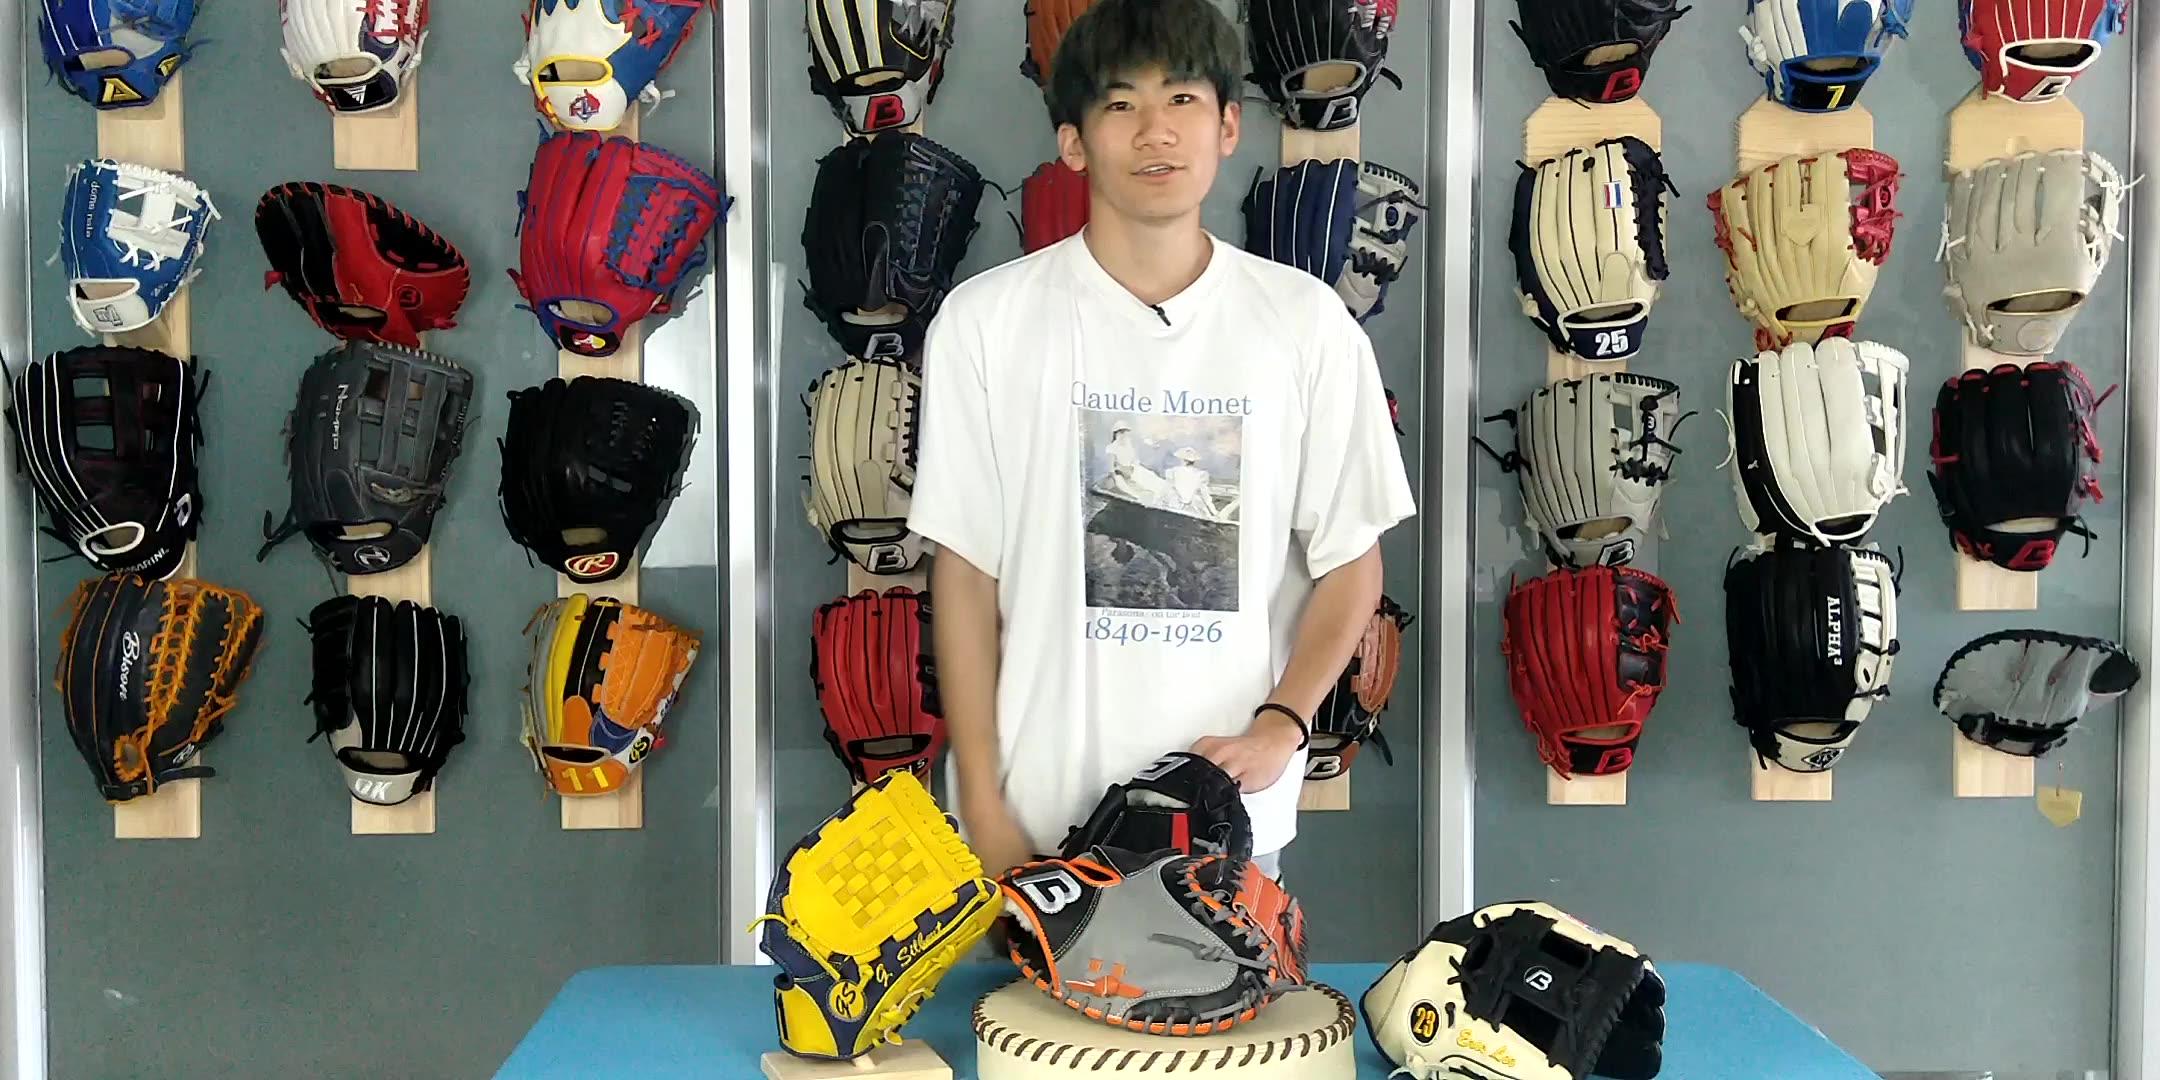 Personnalisé professionnel Japonais kip cuir infield gant de baseball